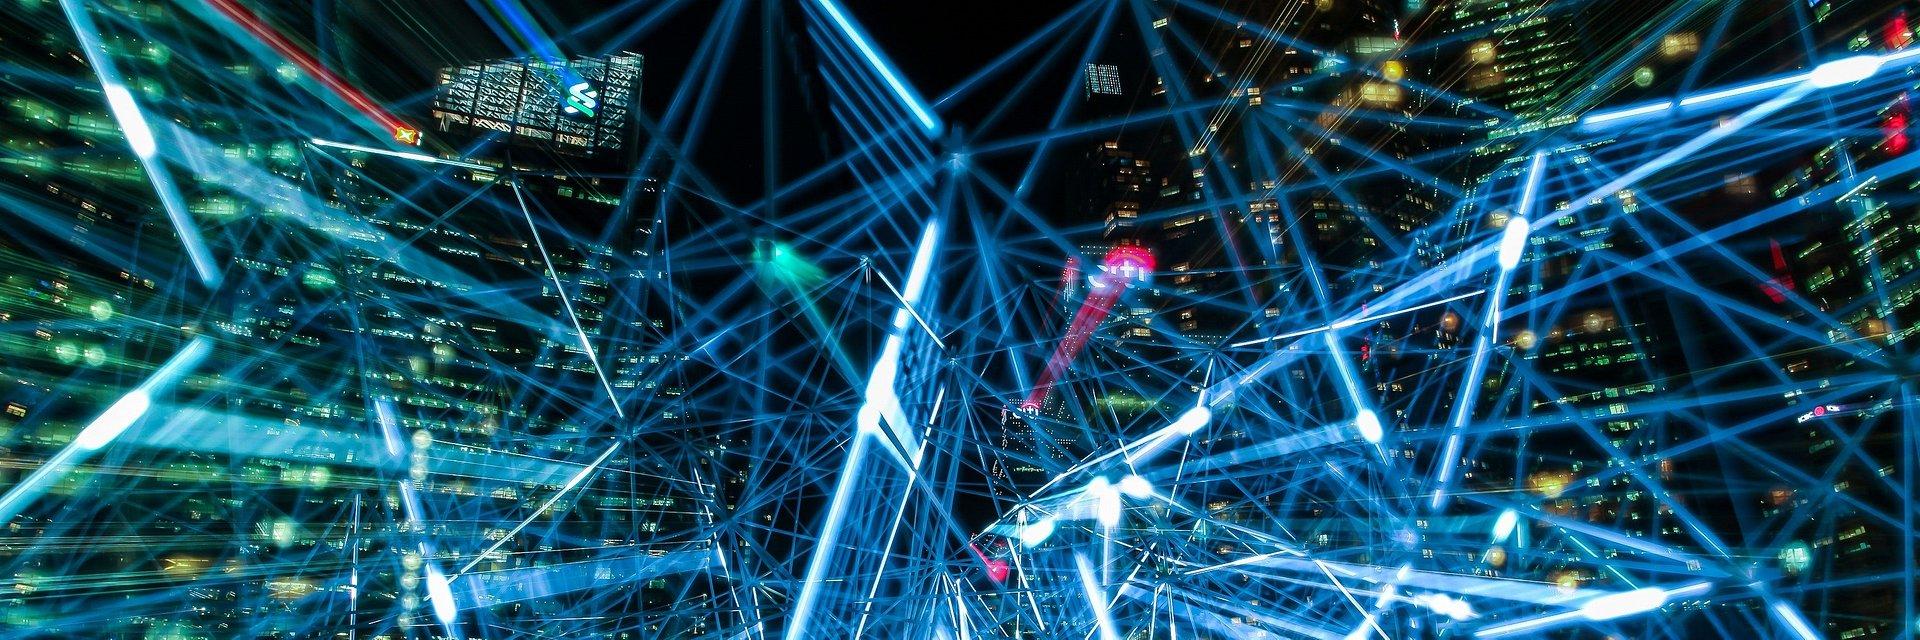 Węgry zbudują sieć 5G z Huawei